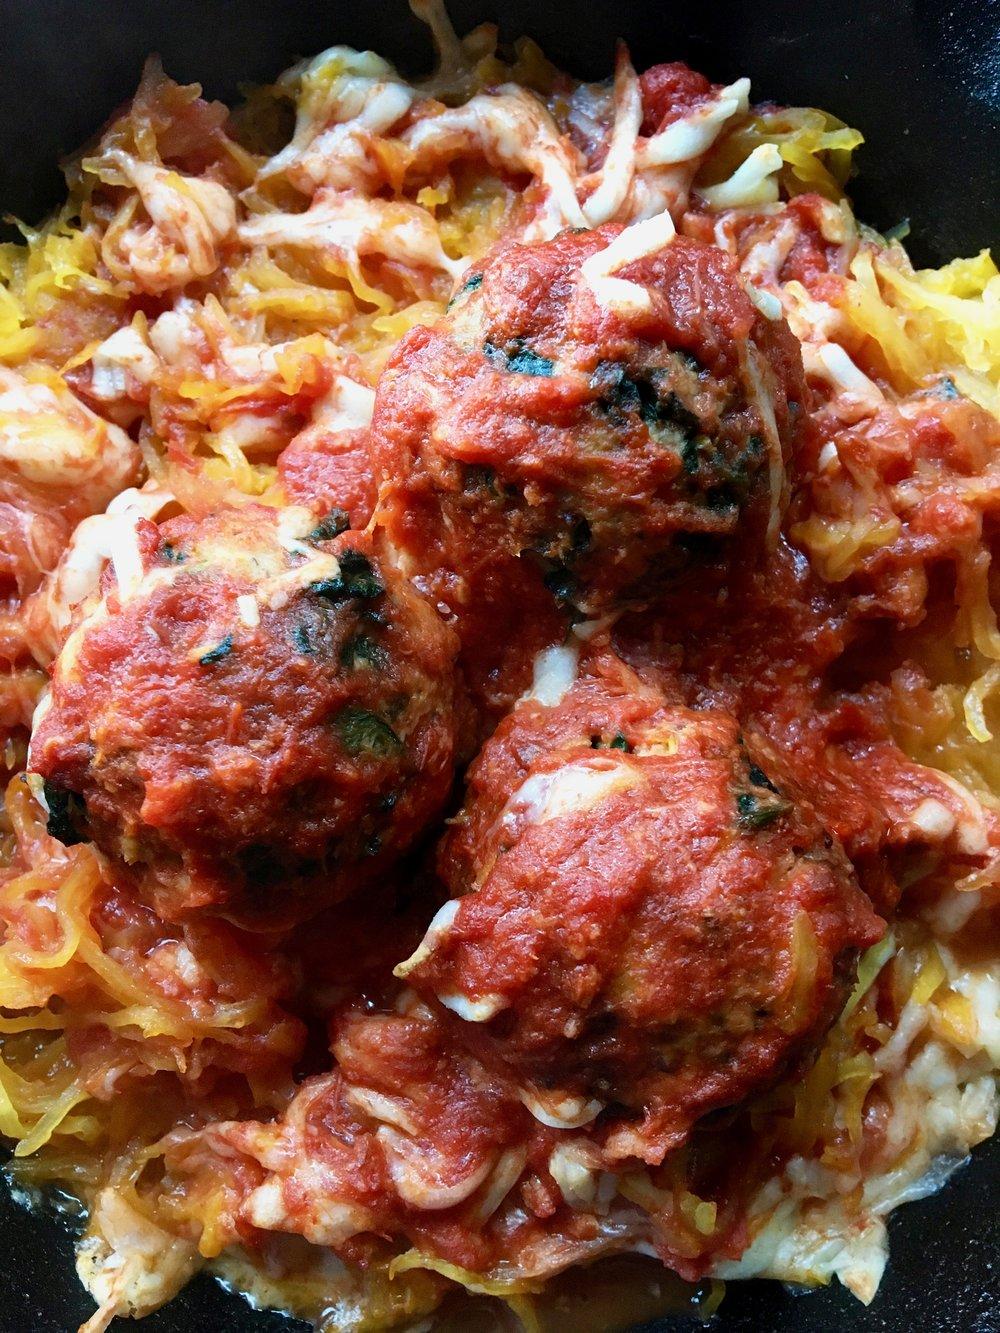 spaghetti squash bake 3.jpg